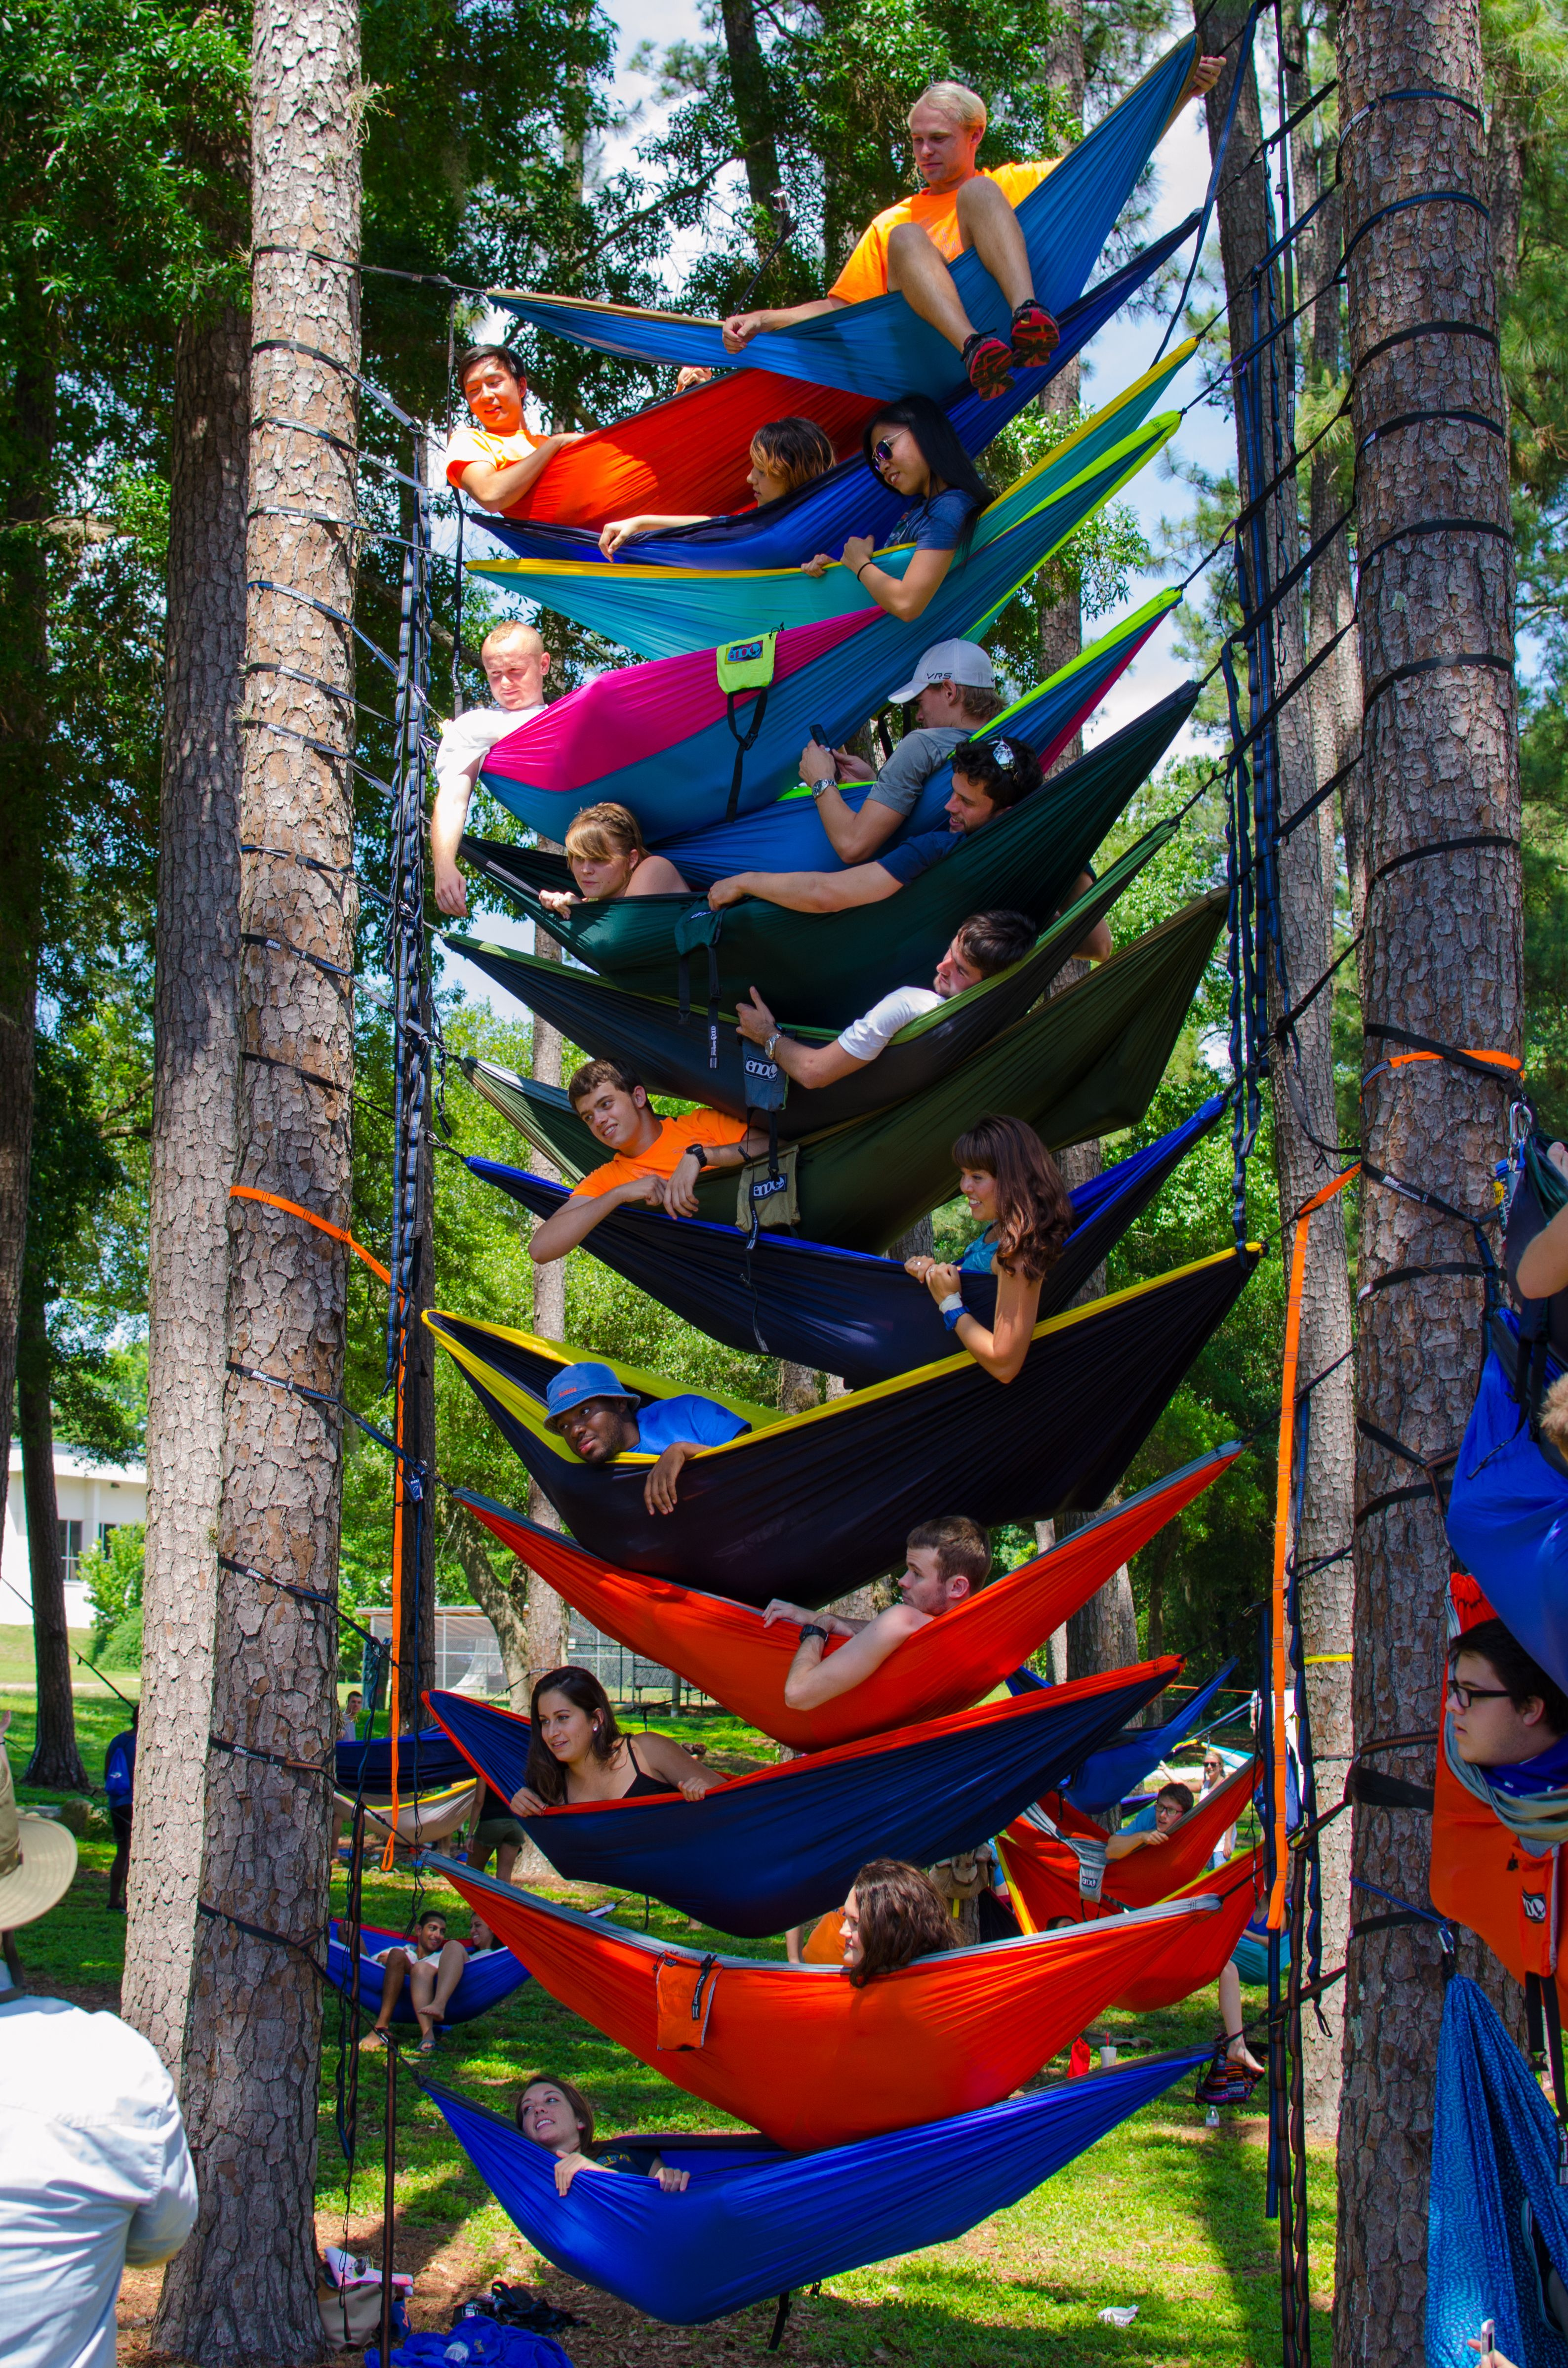 #Eno #GrandTrunk #hammock